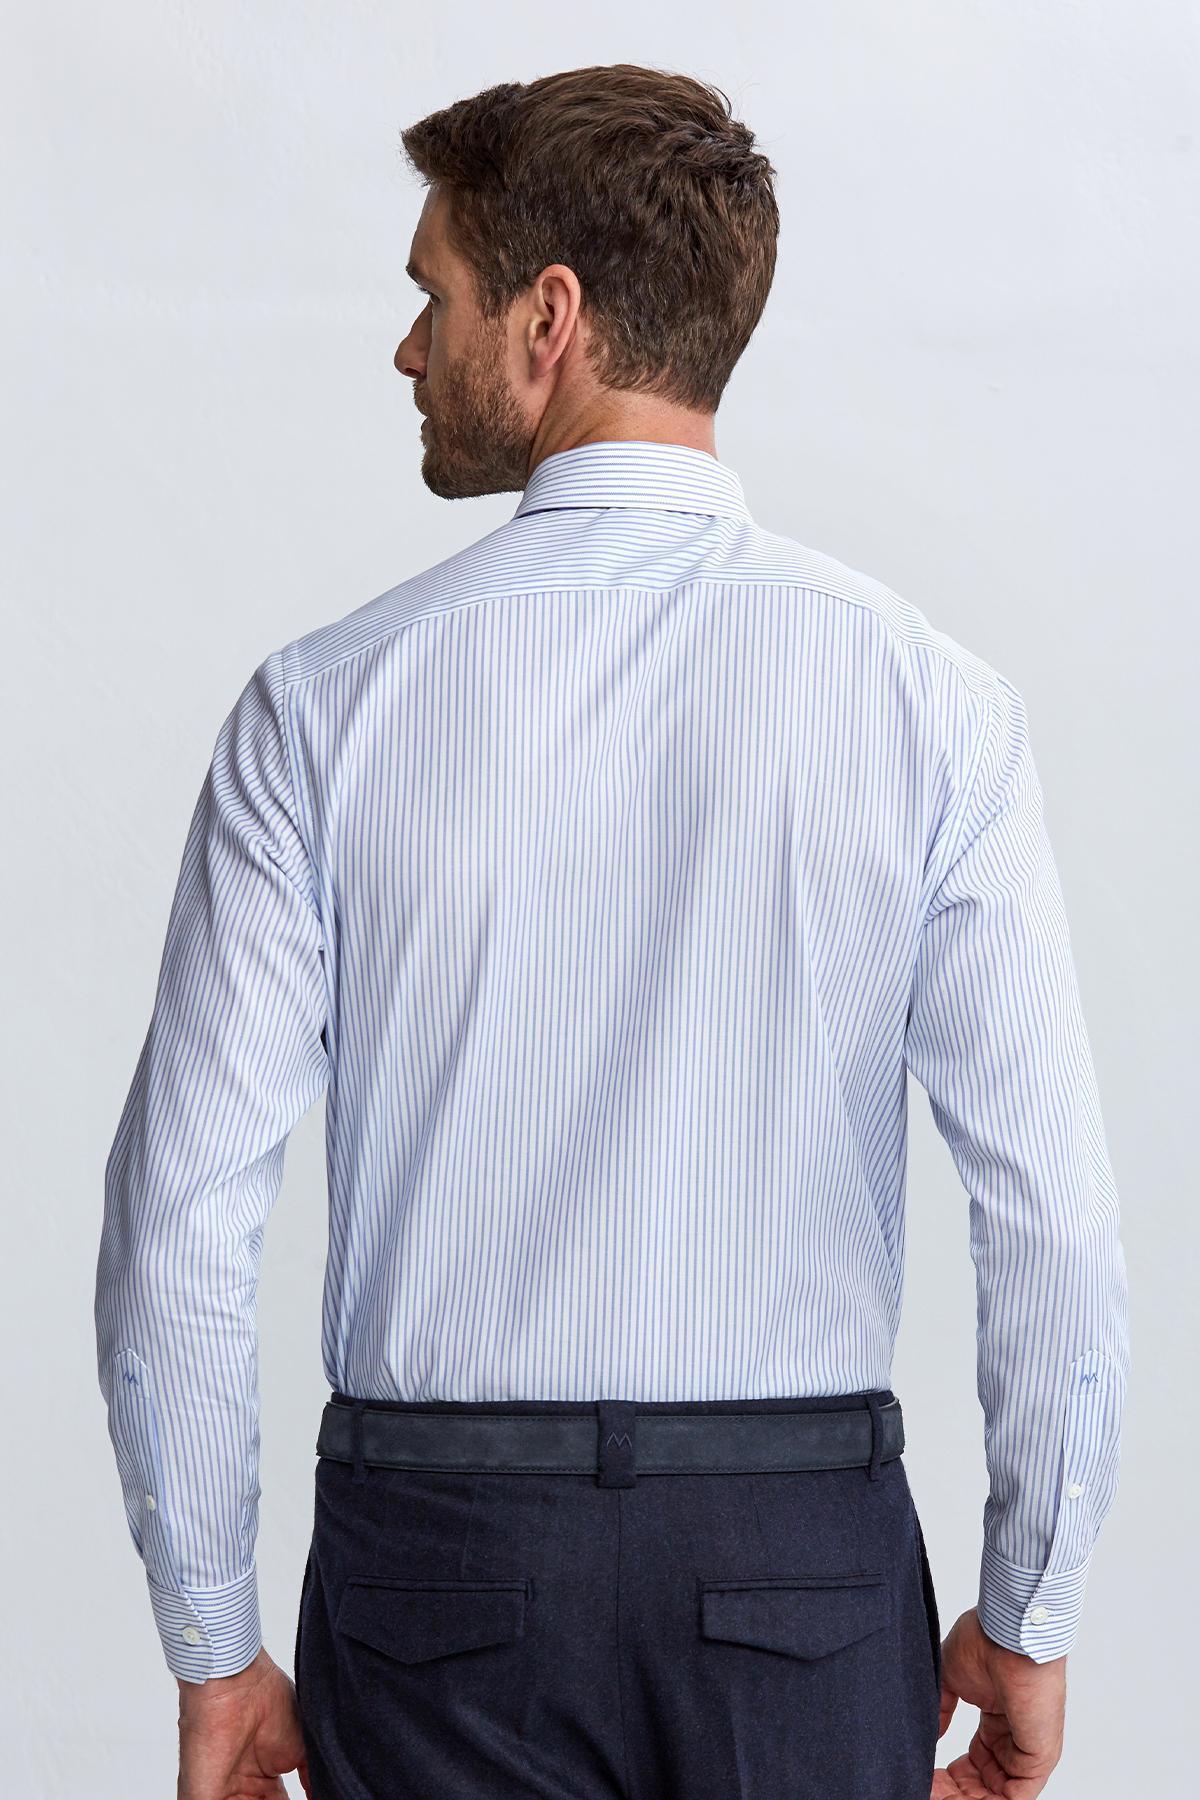 Beyaz Çizgili Pamuk Gömlek